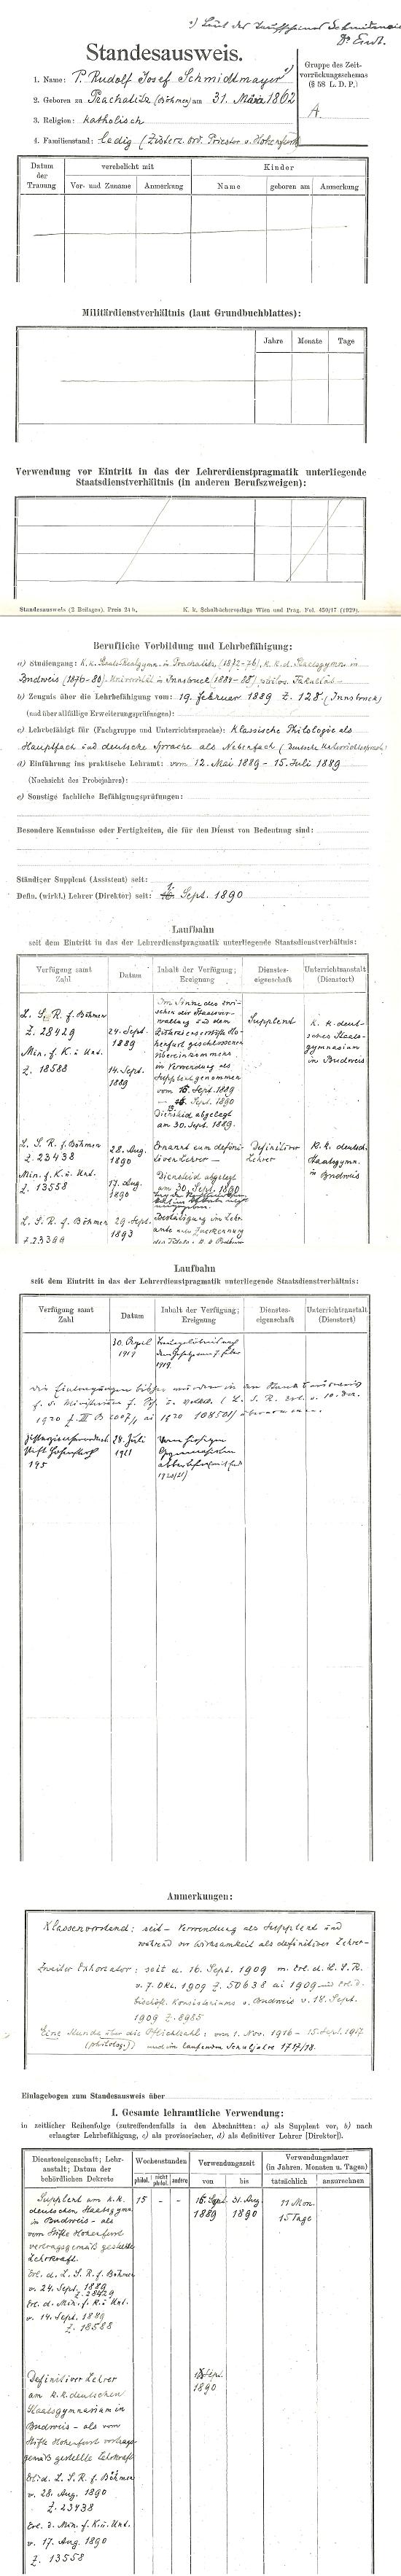 Jeho pracovní záznamy z českobudějovického německého gymnázia s podpisem ředitele Johanna Endta